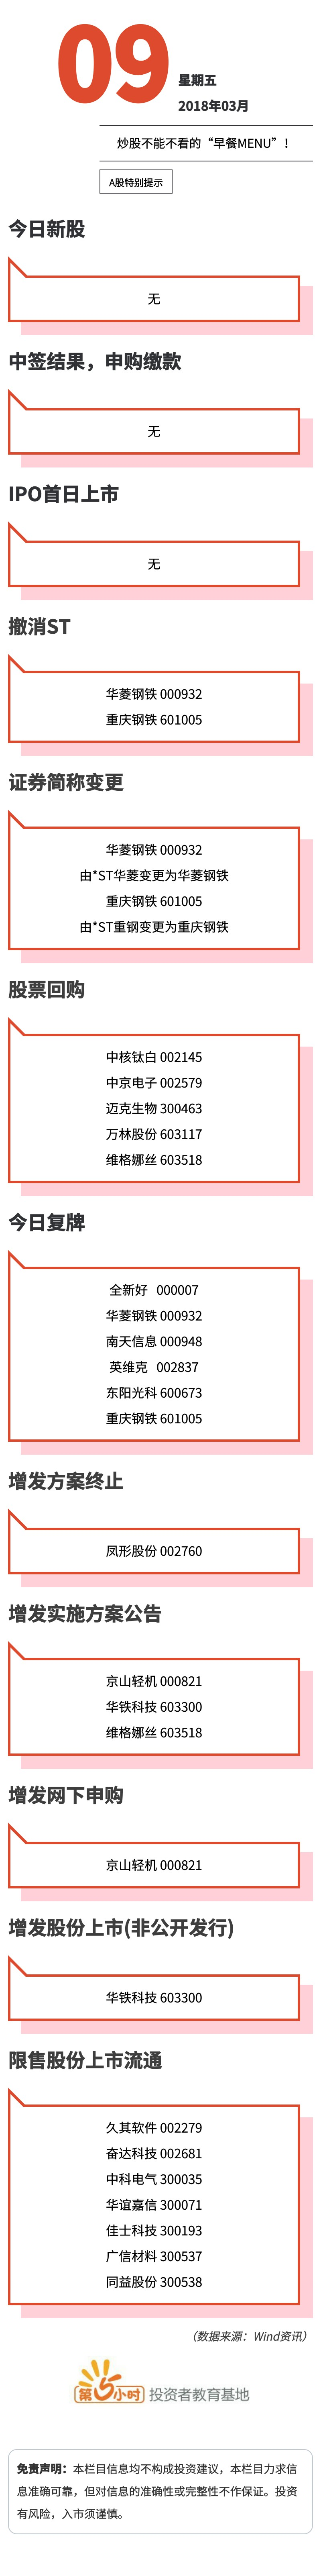 A股特别提示(2018-03-09).jpg